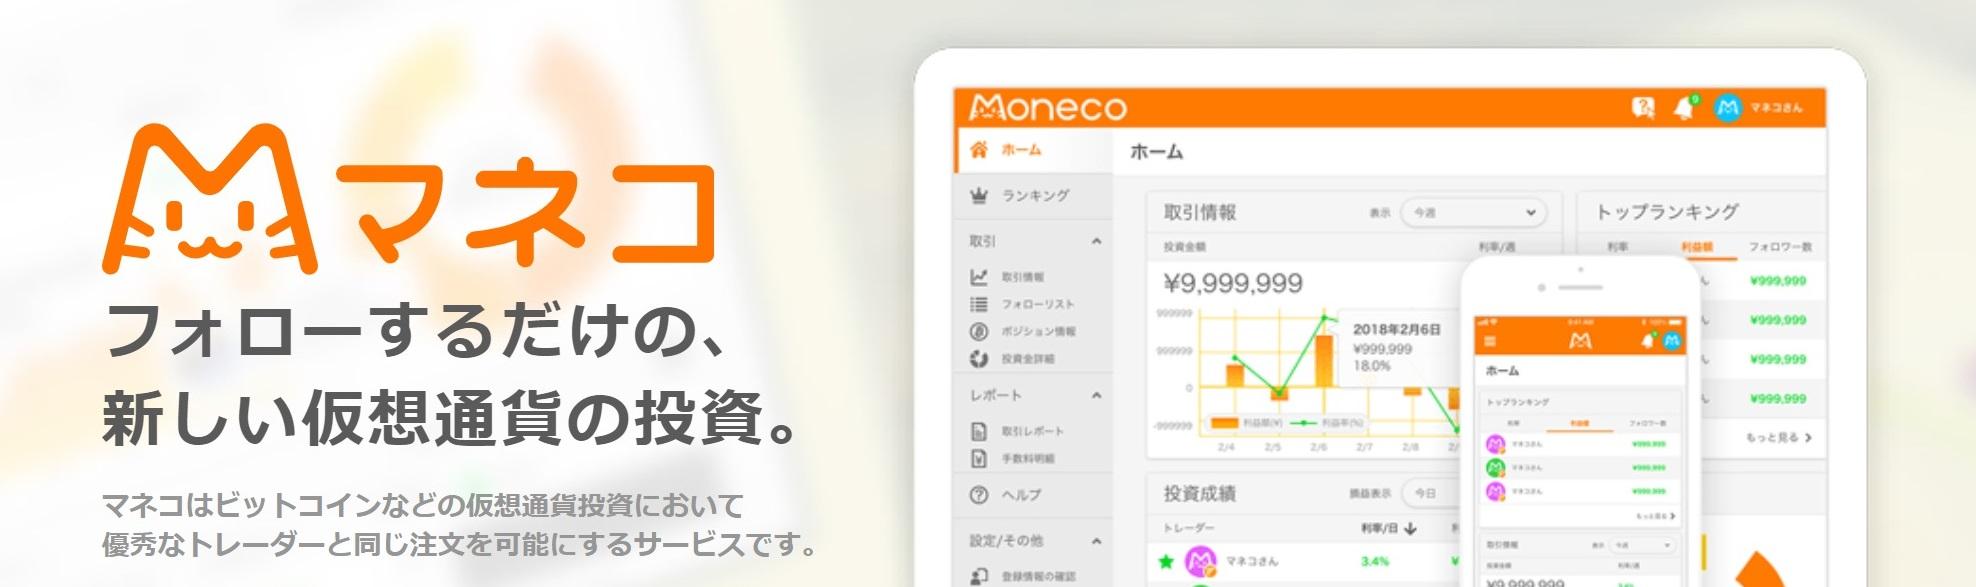 BITPoint(ビットポイント)がマネコ(moneco)への出資を発表